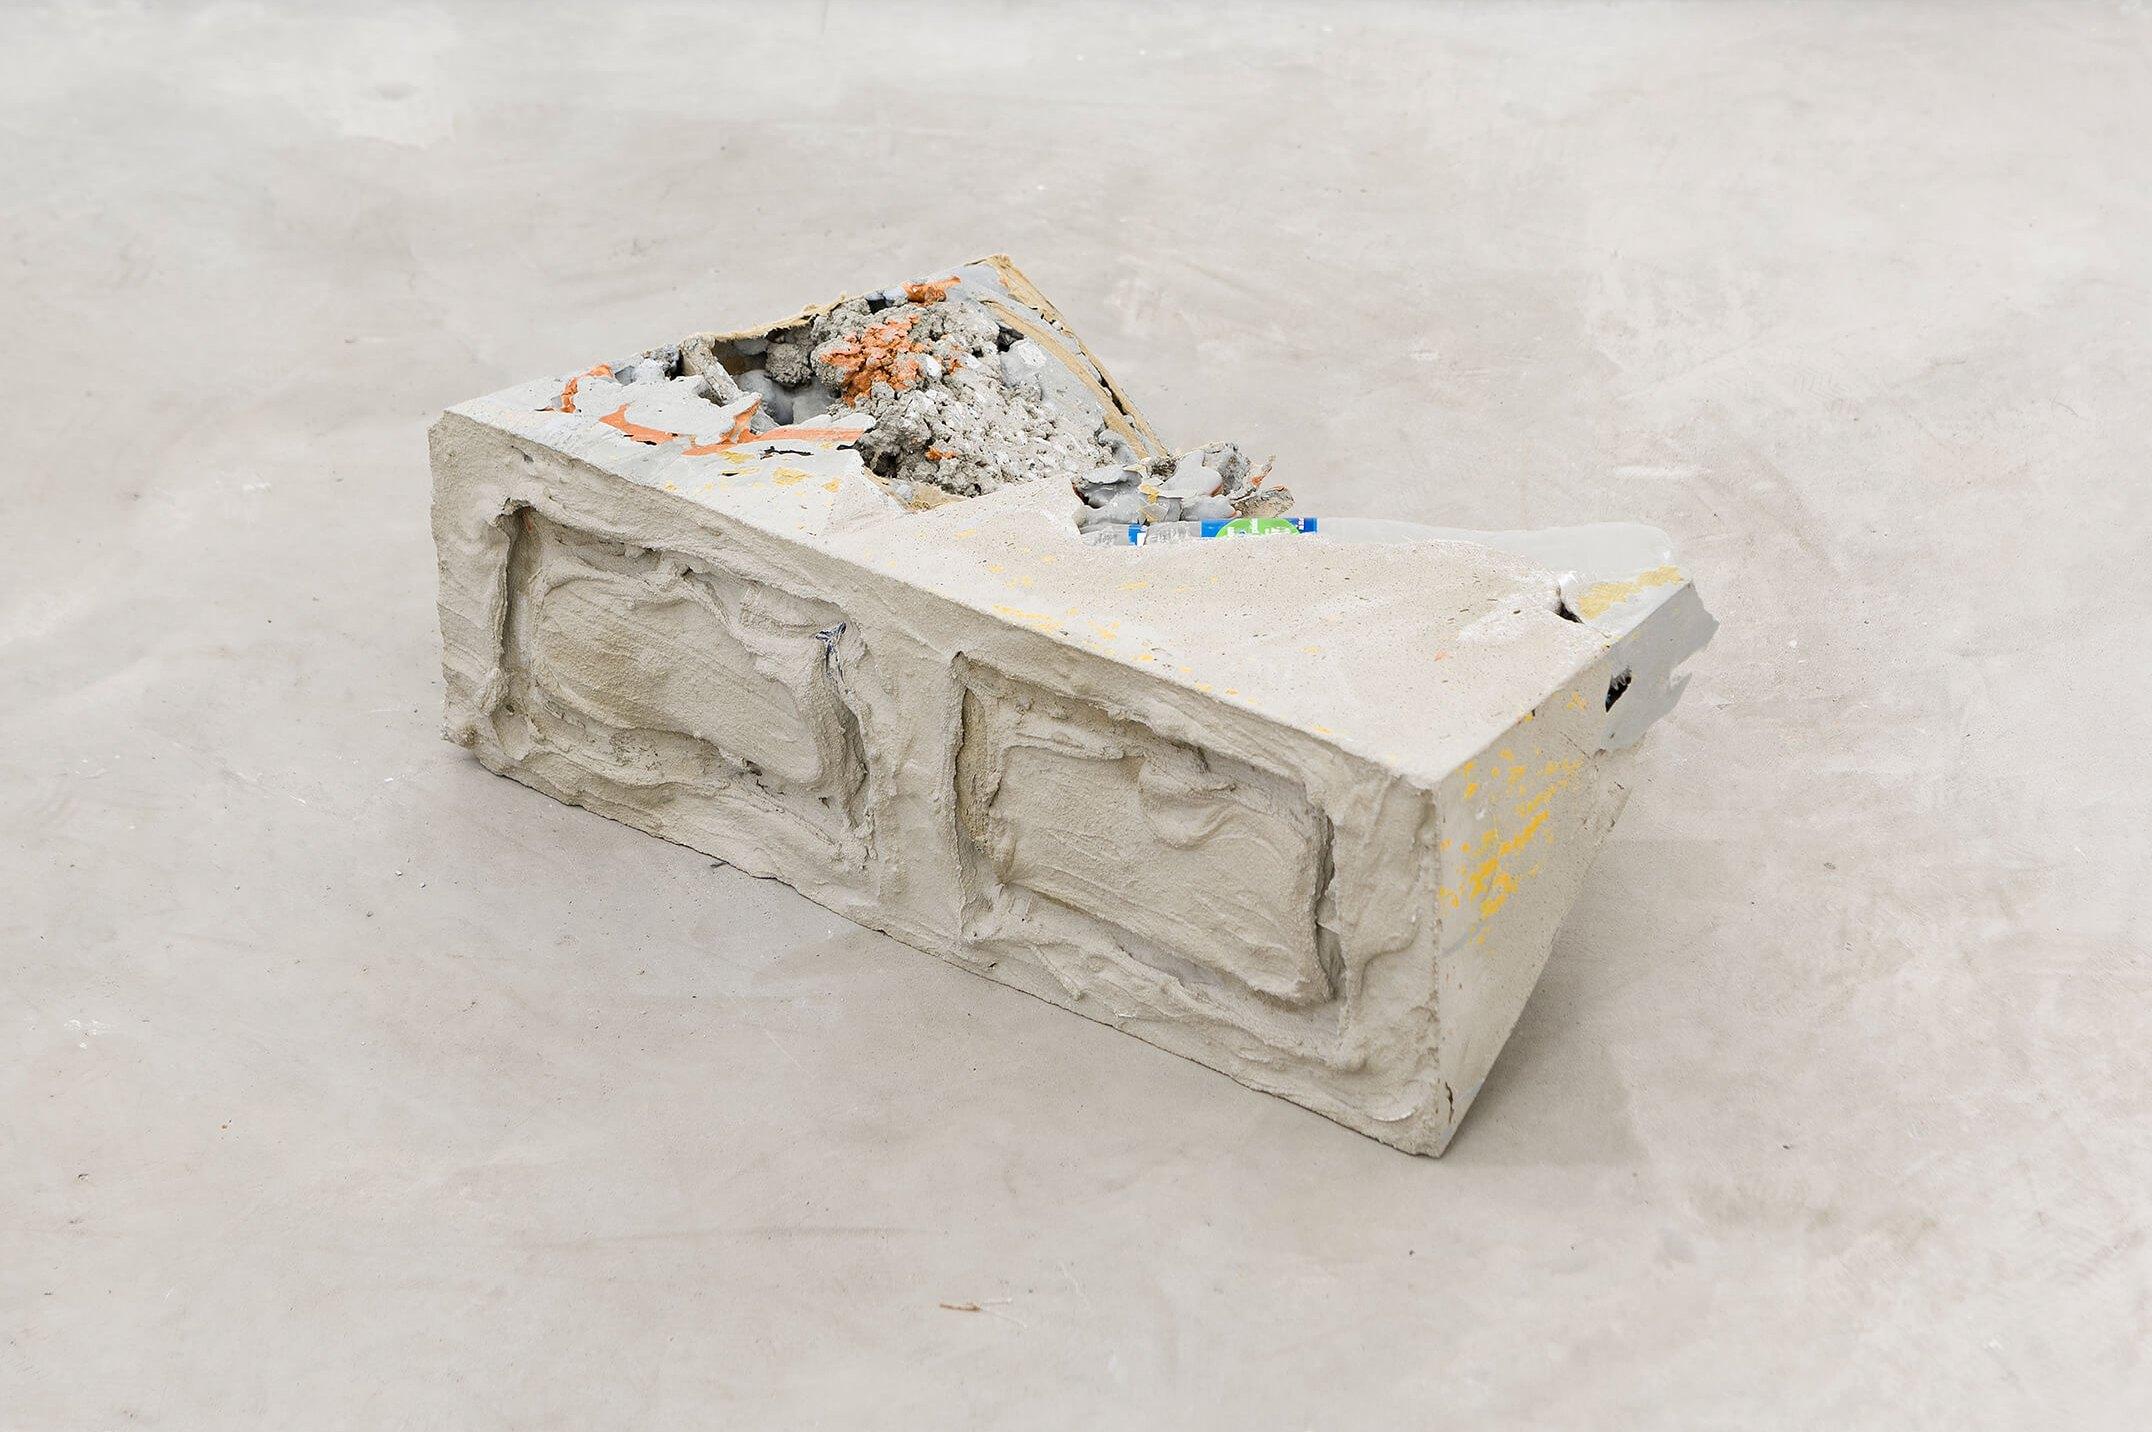 Allyson Vieira, <em>Block 5</em>, 2015, concrete, <em>Worker</em> scraps, concrete blocks, 15 × 39 × 20 cm - Mendes Wood DM